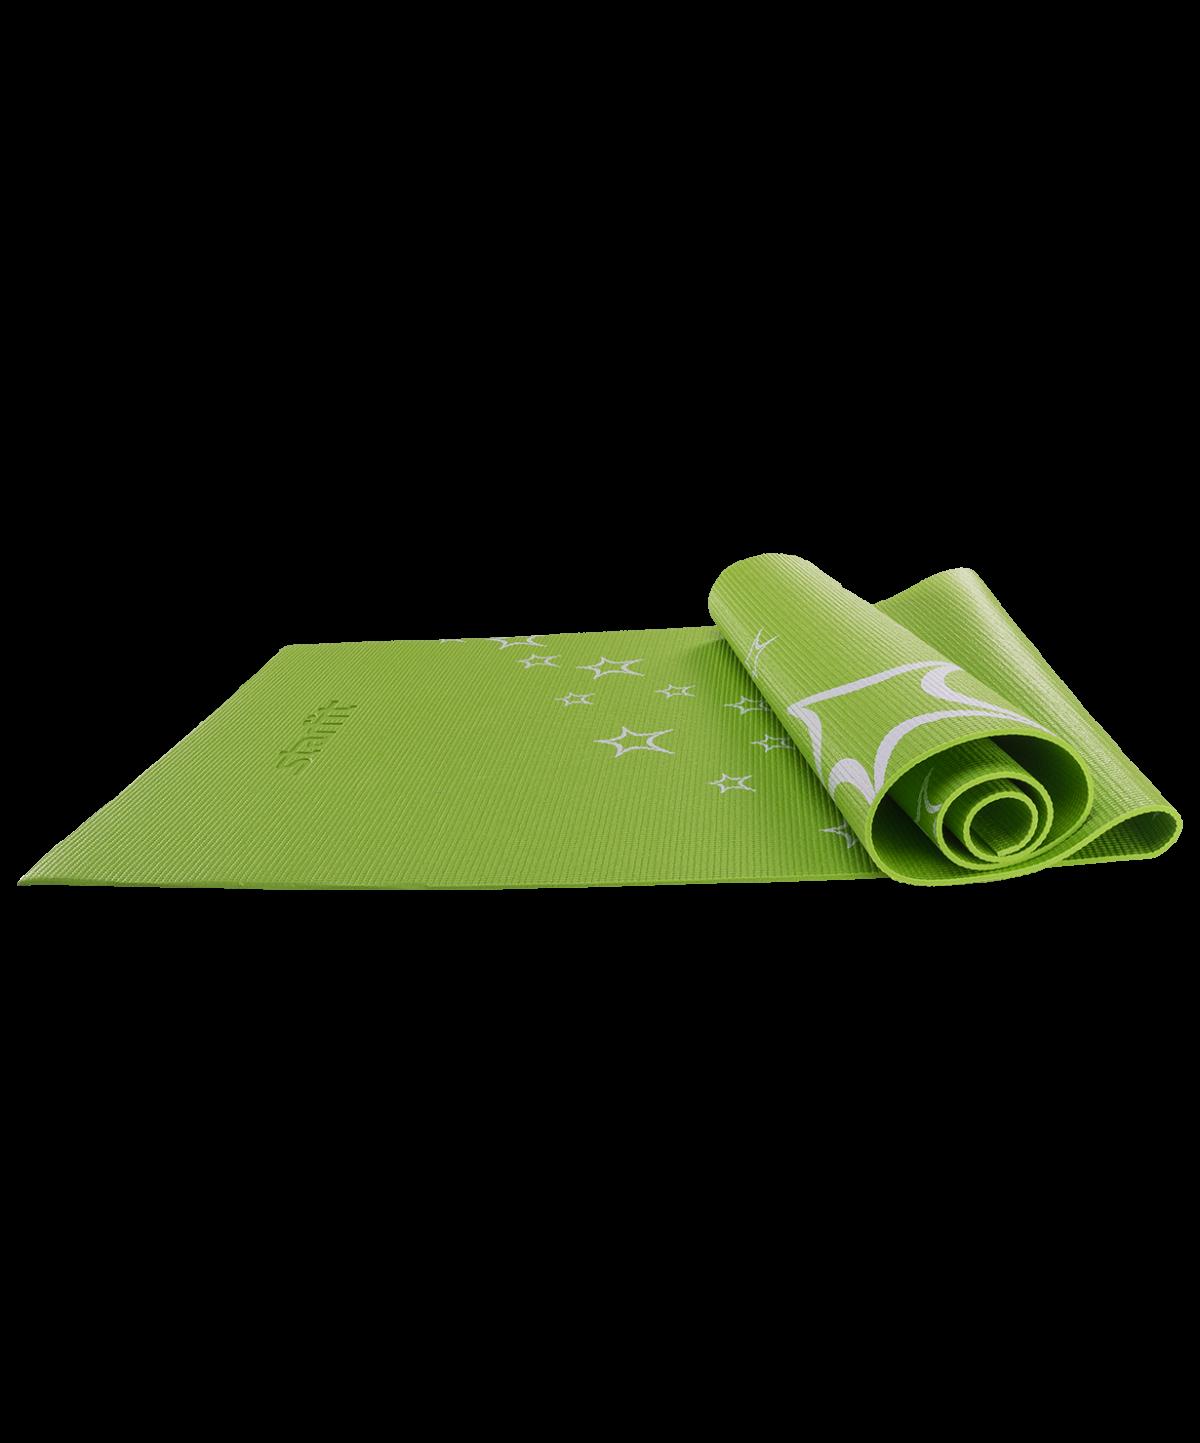 STARFIT Коврик для йоги FM-102 173х61х0,4см: зелёный - 1